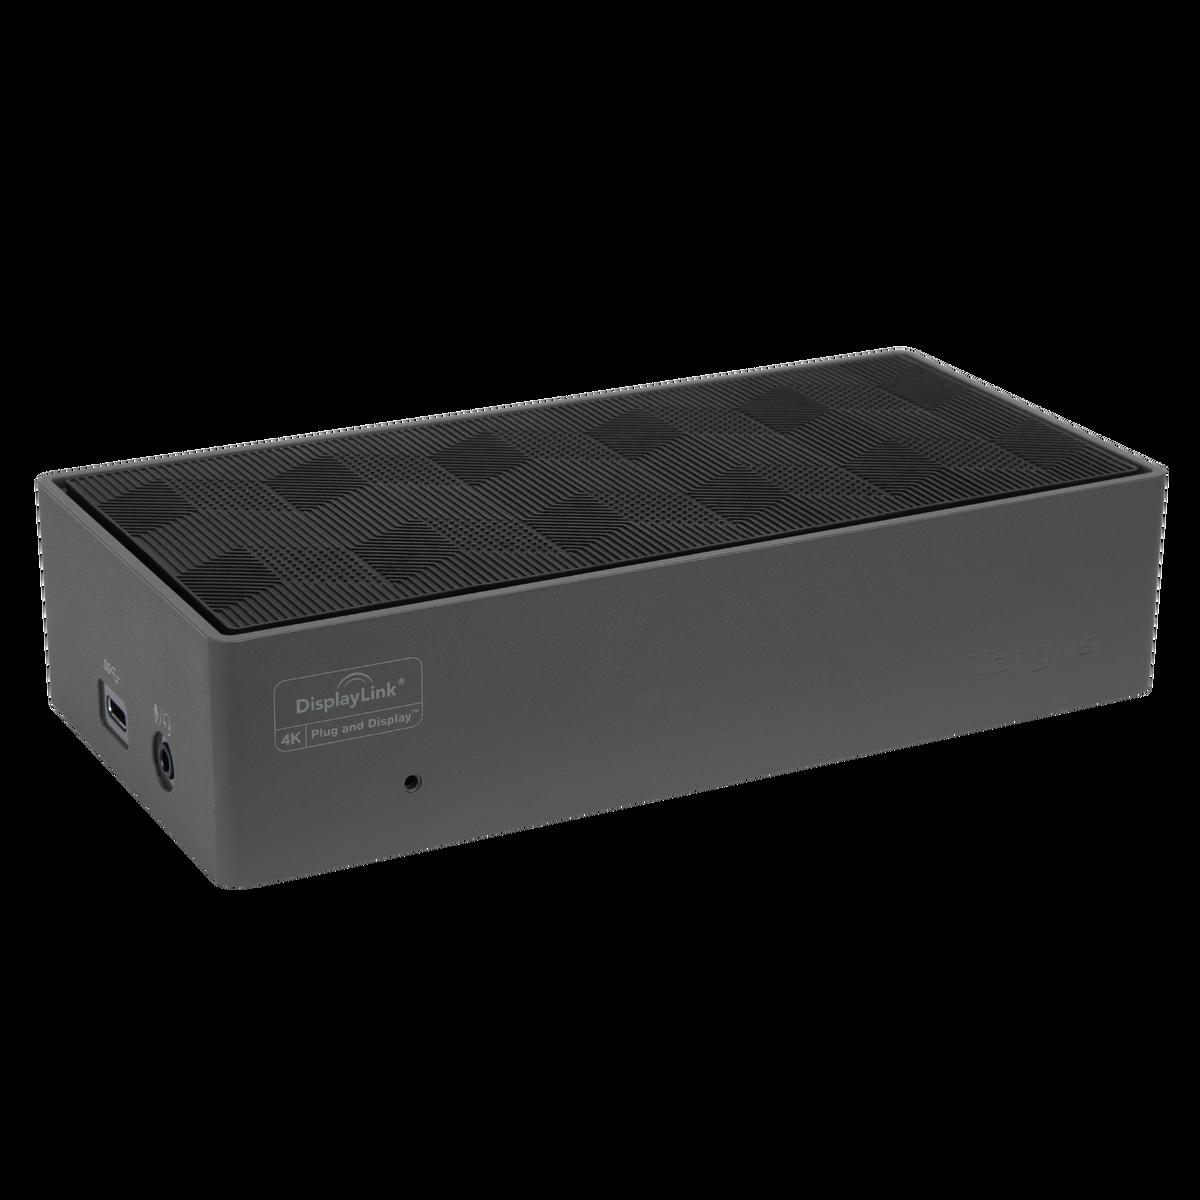 Targus USB-C Universal DV4K Docking Station with 100W Power DOCK190EUZ - Black